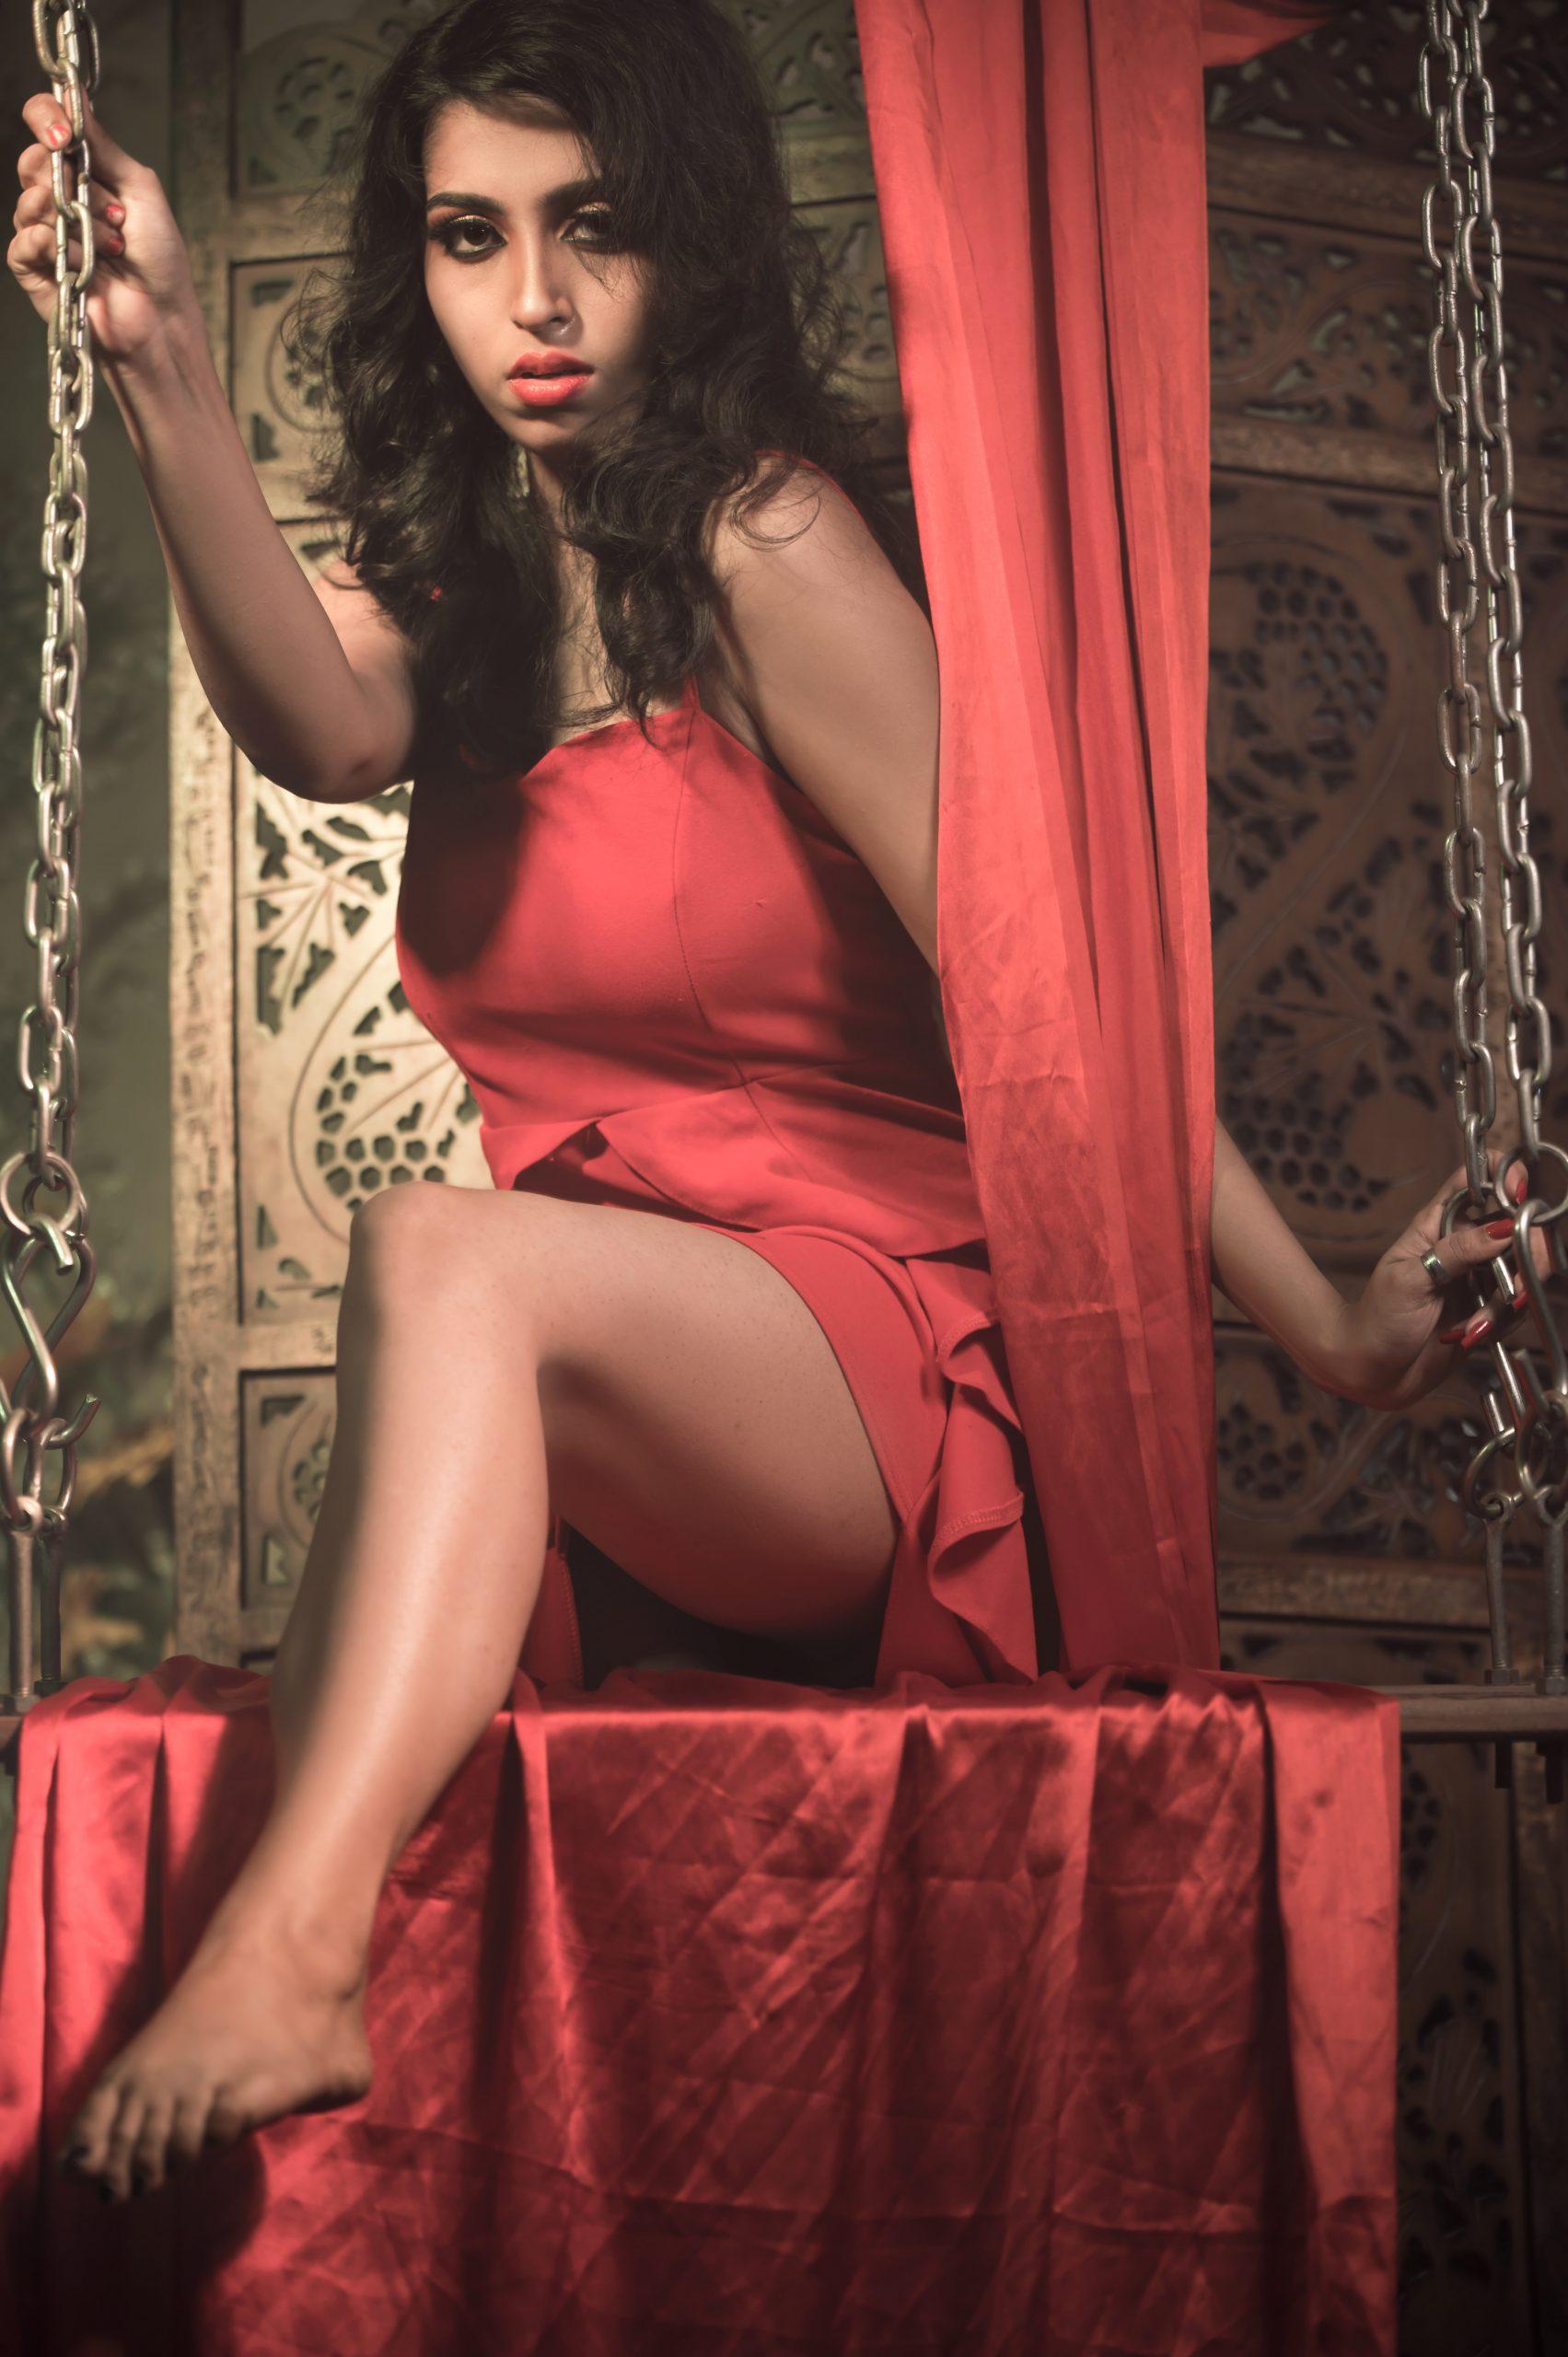 A sensual girl